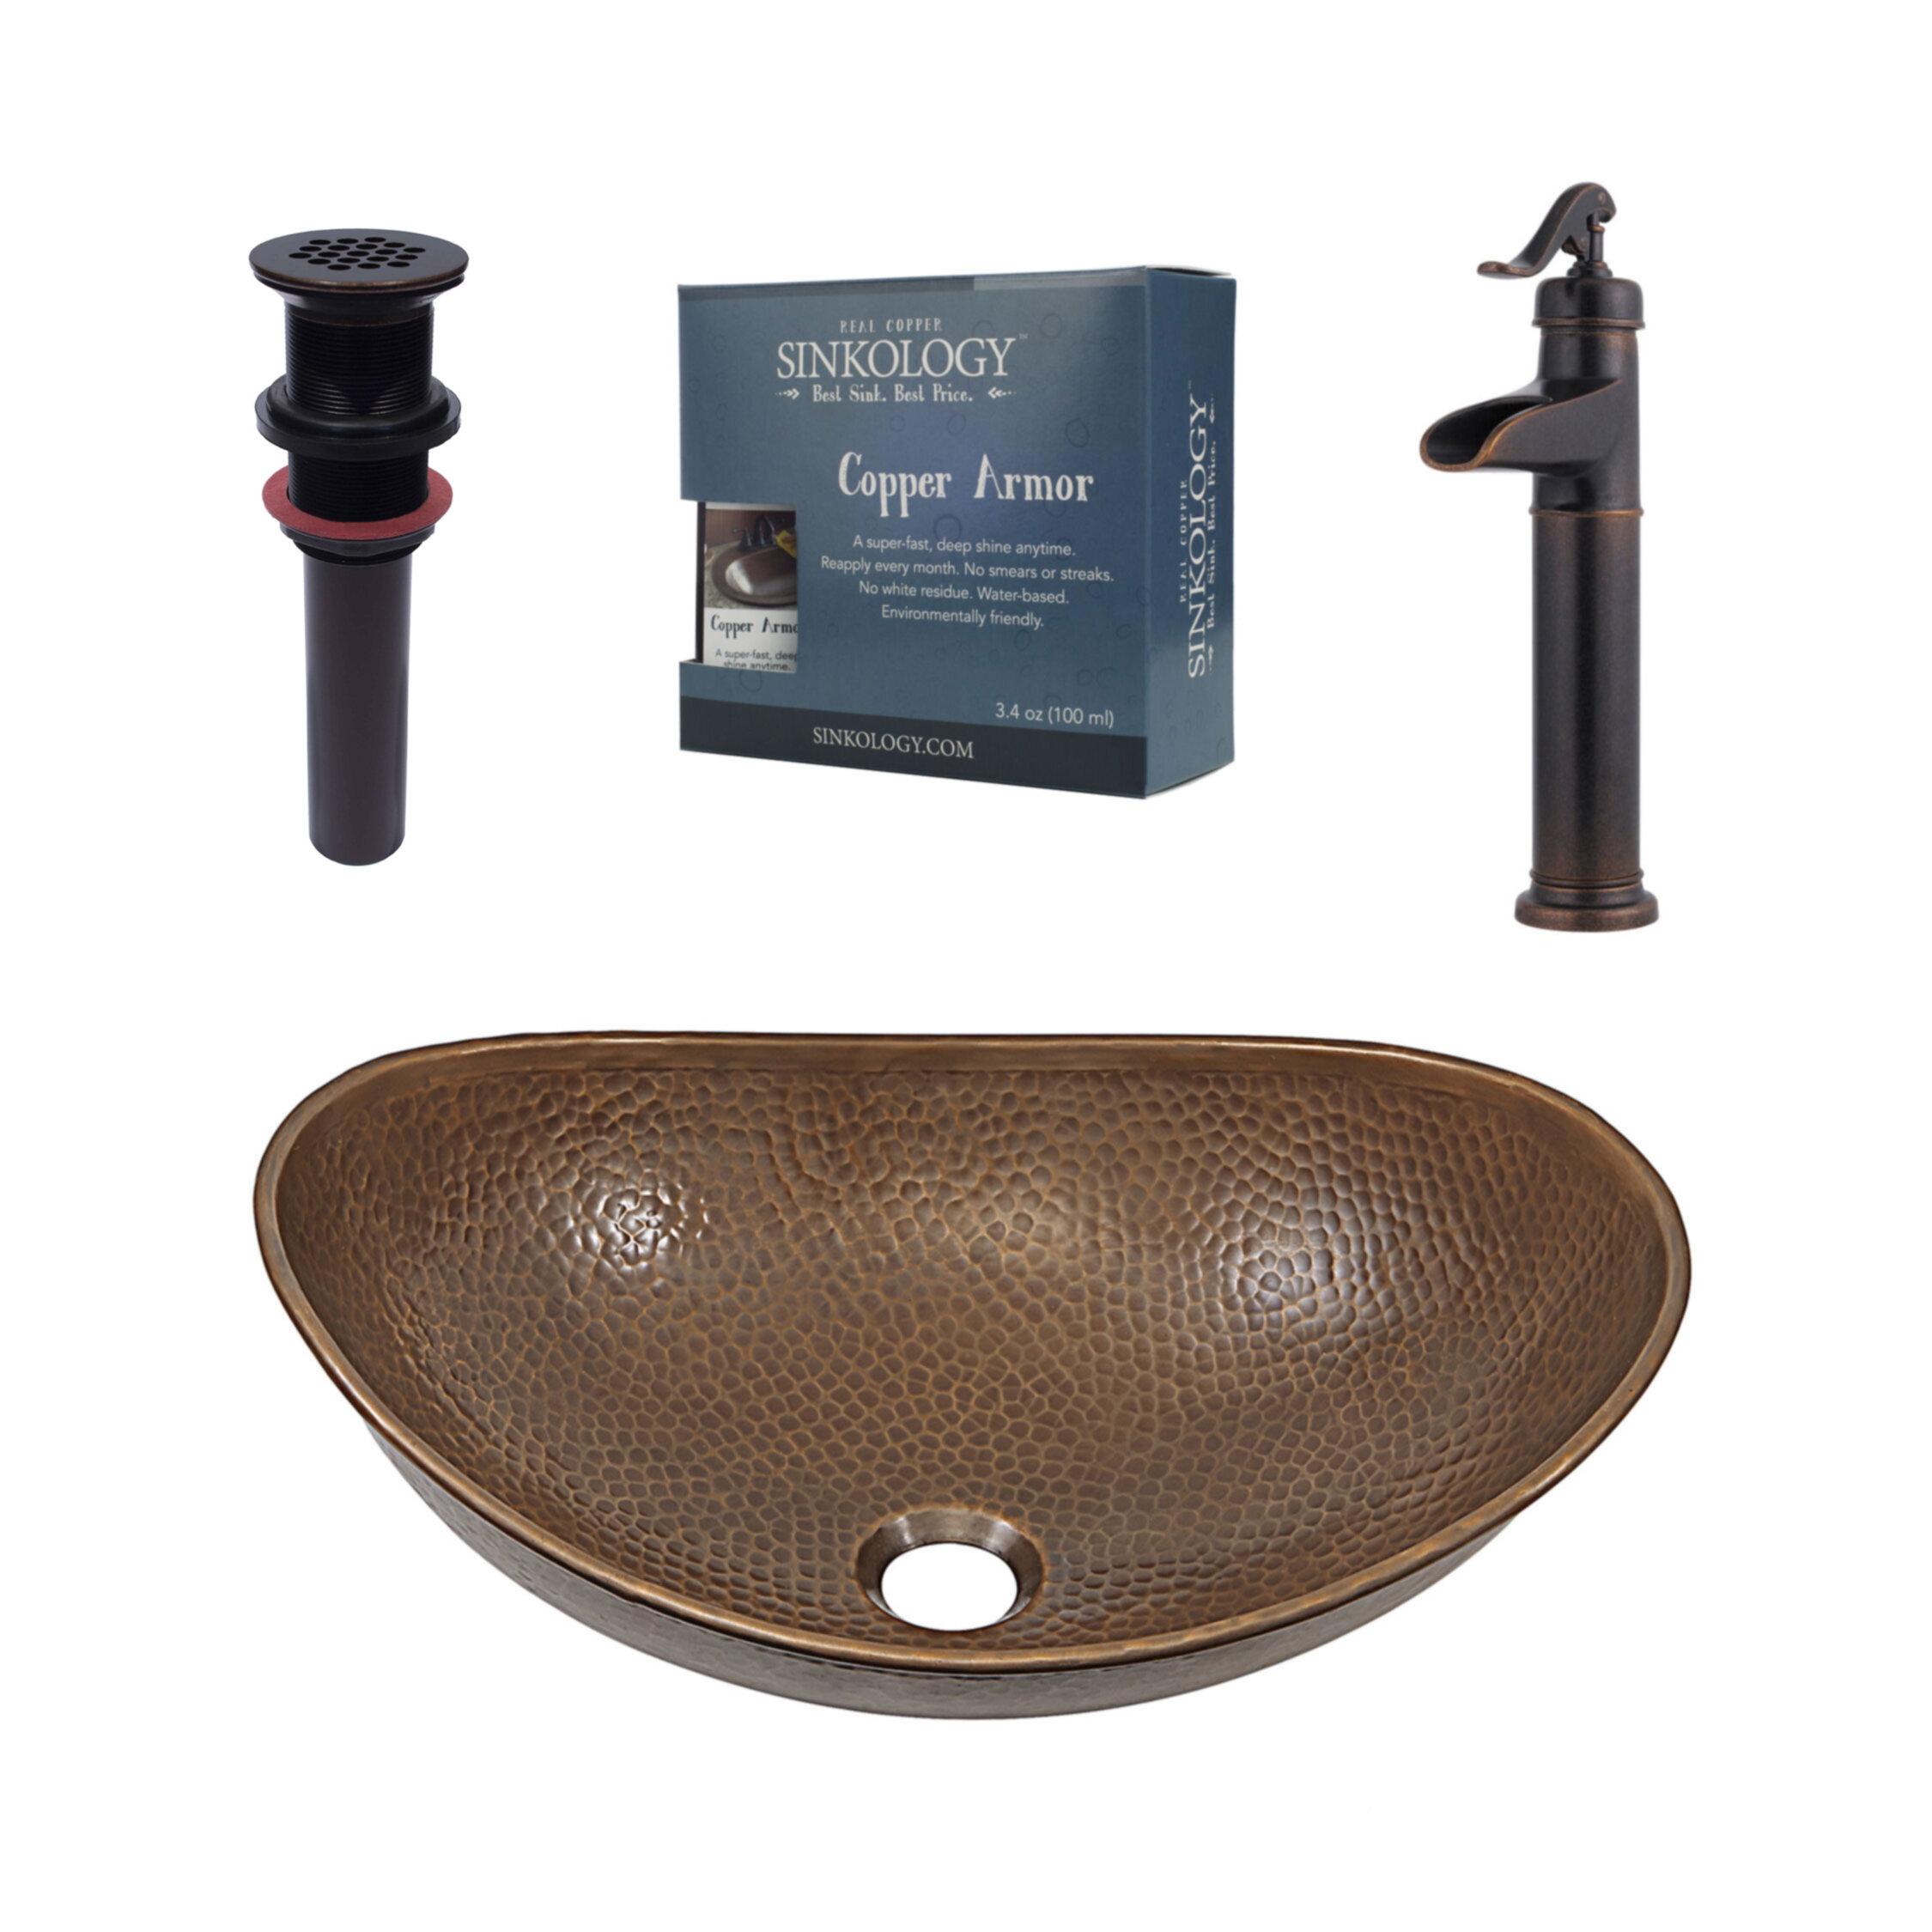 Sinkology Confucius Metal Oval Vessel Bathroom Sink With Faucet Wayfair